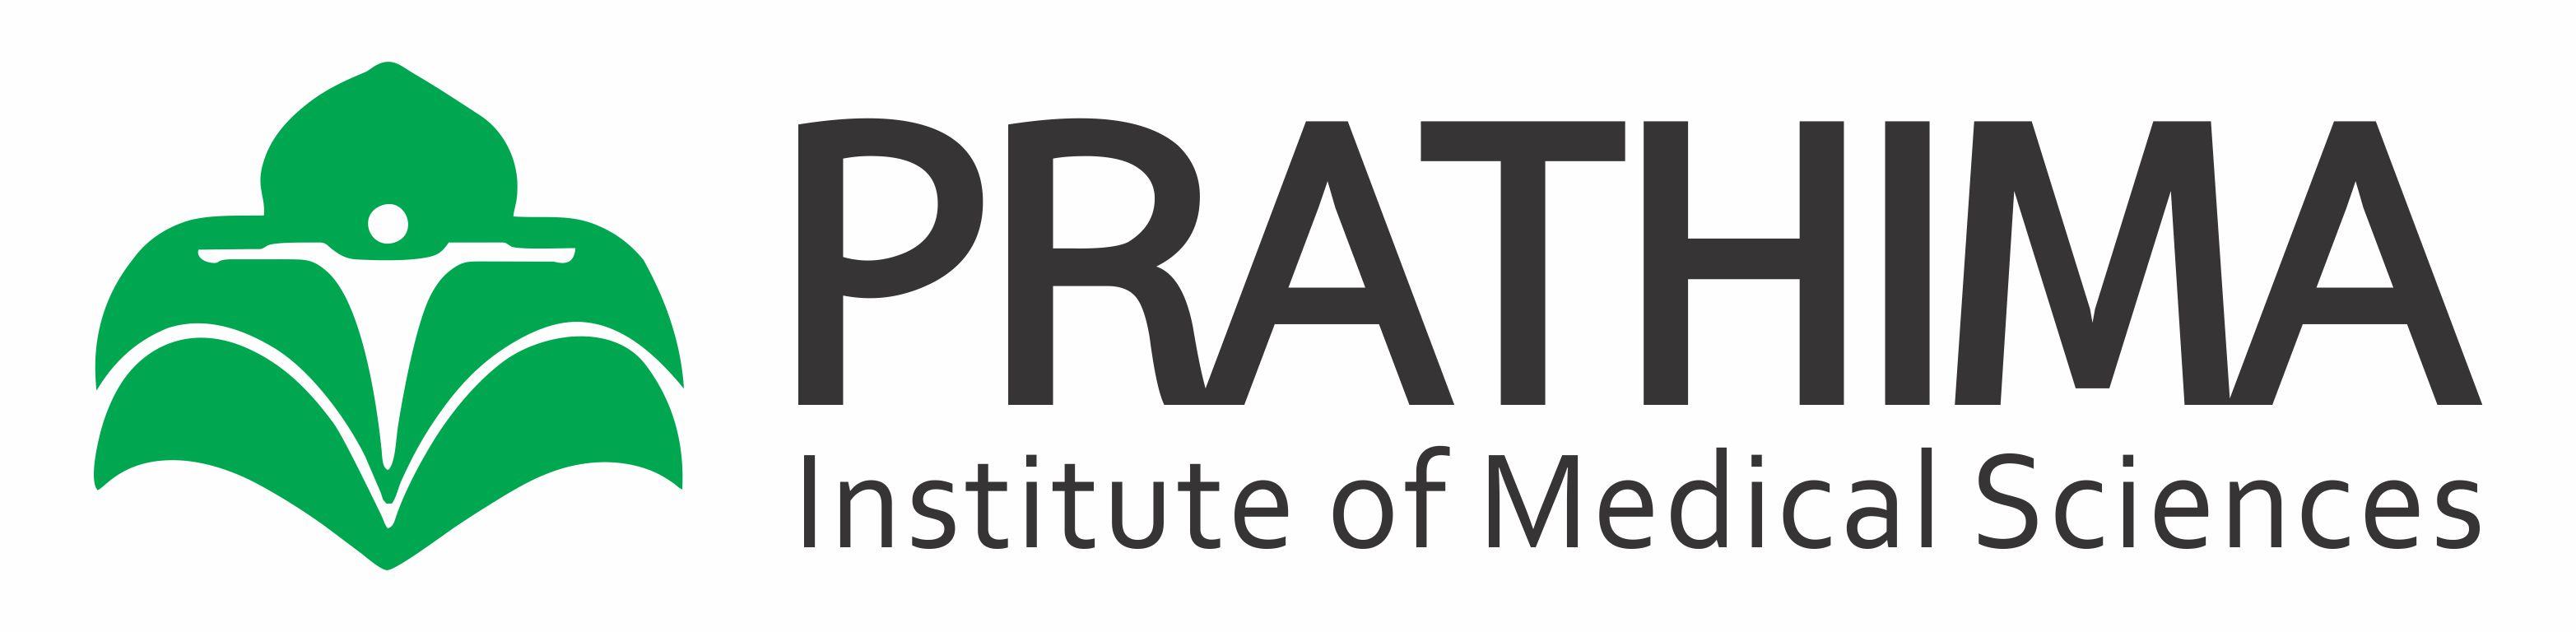 Prathima Institute of Medical Sciences - PIMS Karimnagar